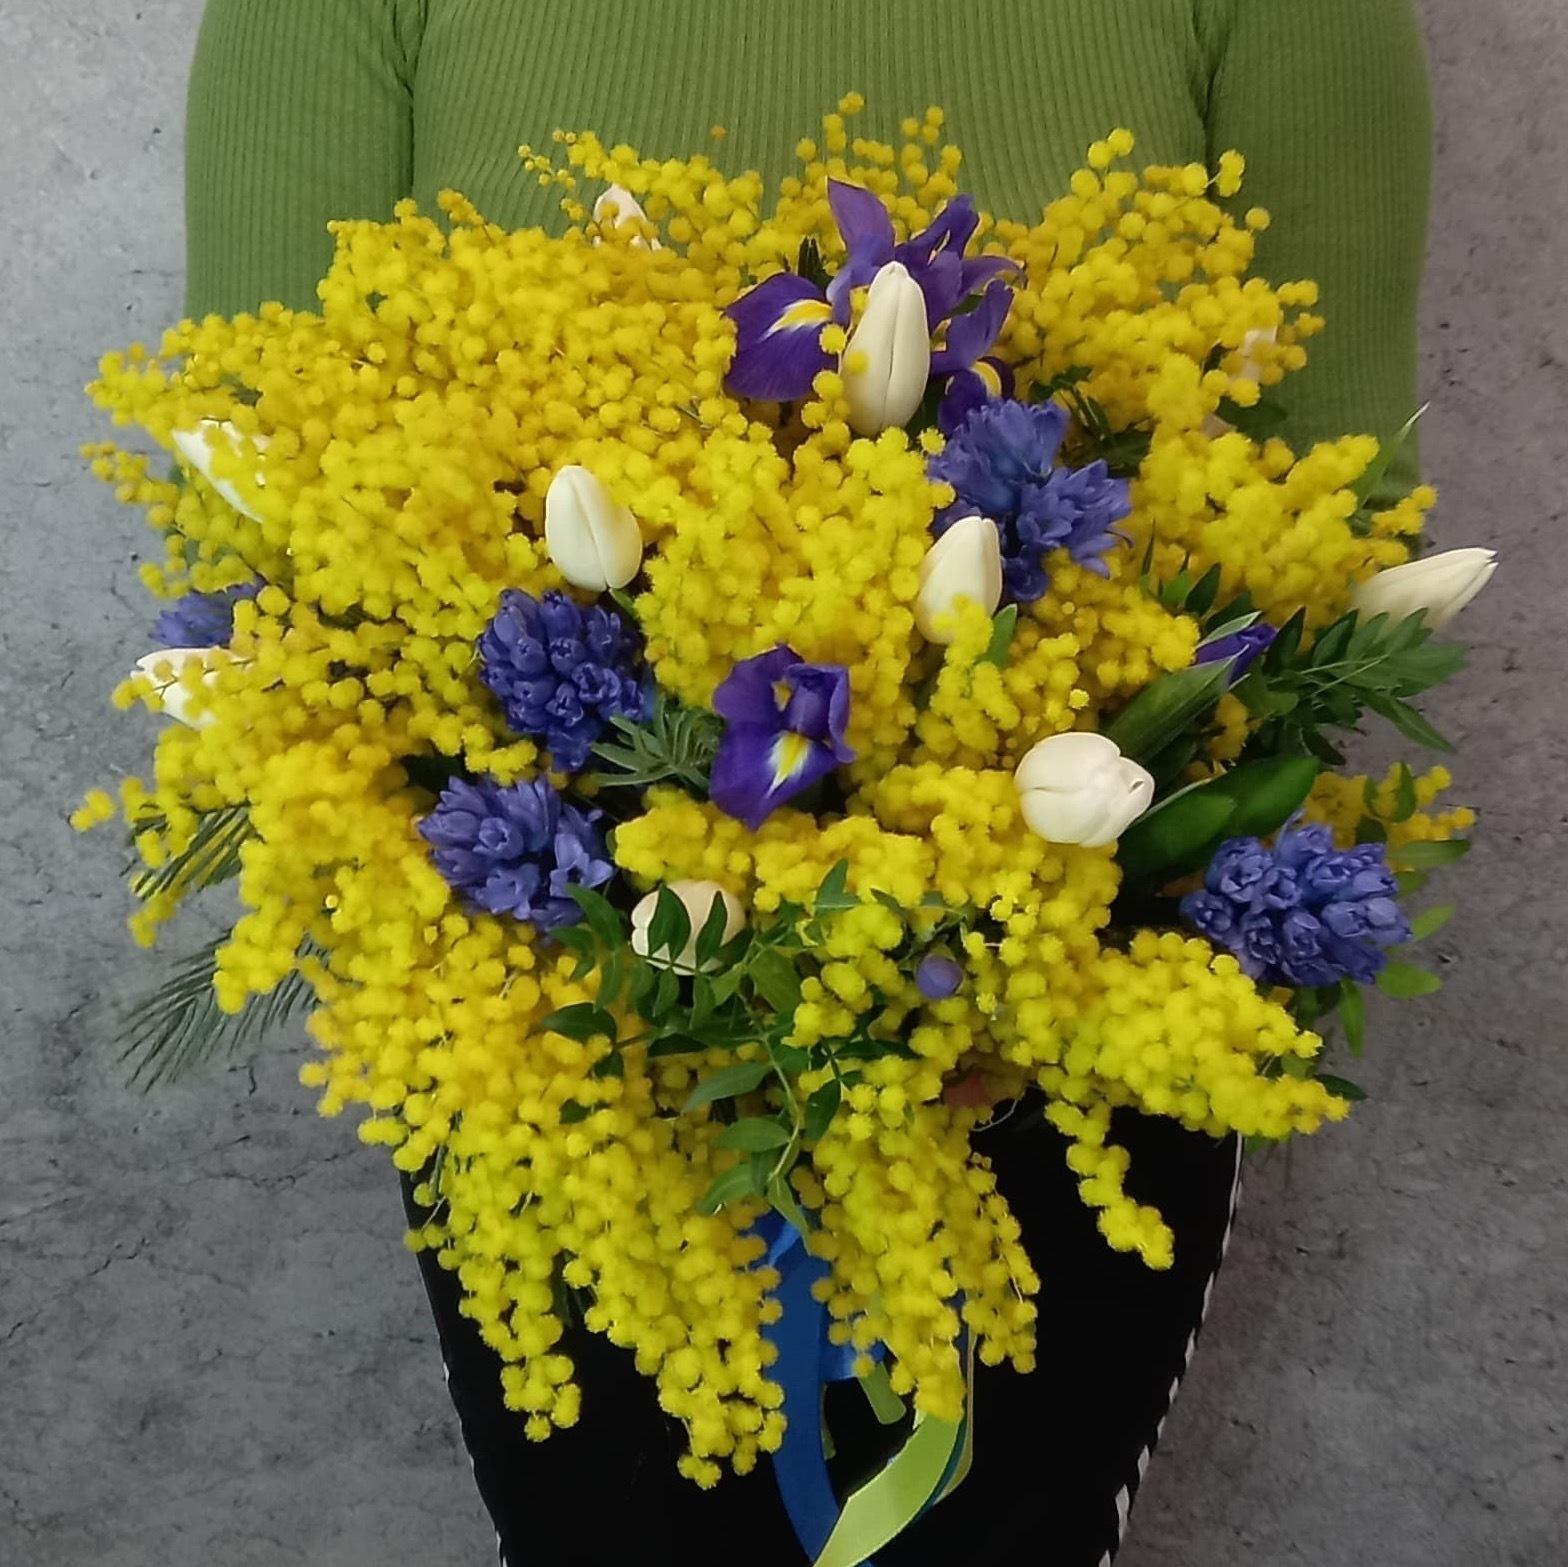 Заказ цветов мимоза цена какой зделать подарок жене